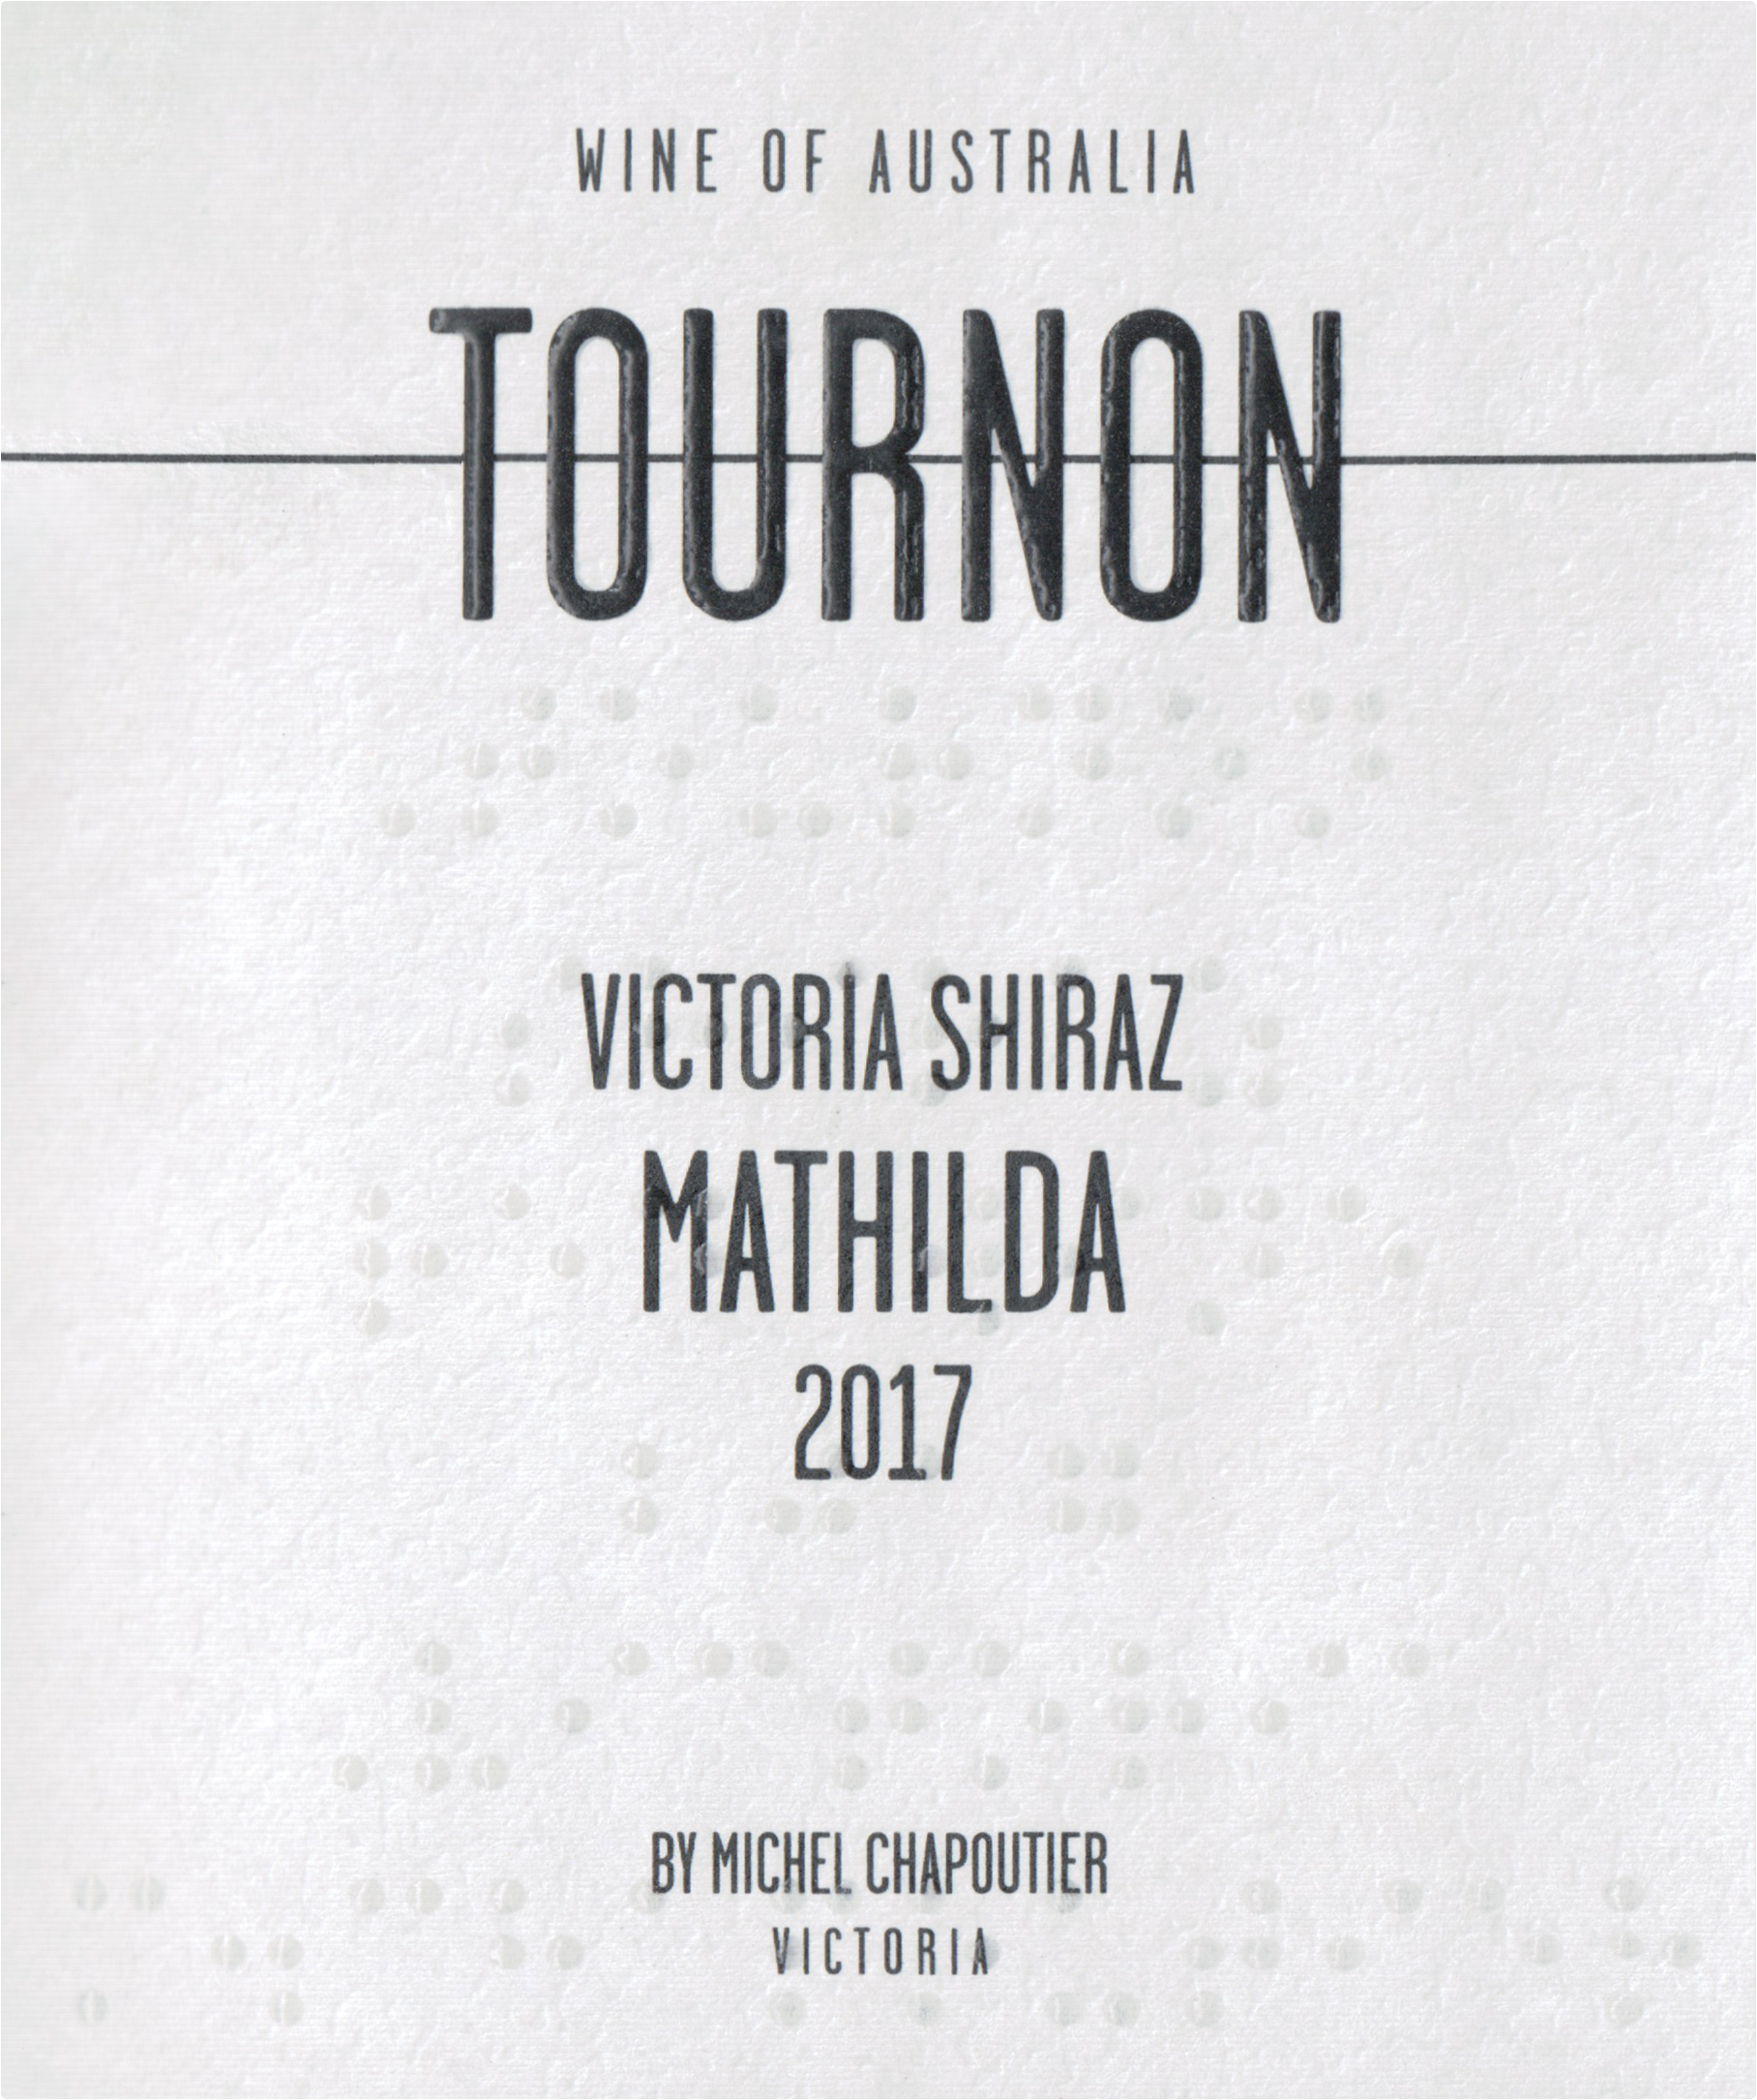 Domaine Tournon Mathilda Shiraz 2017